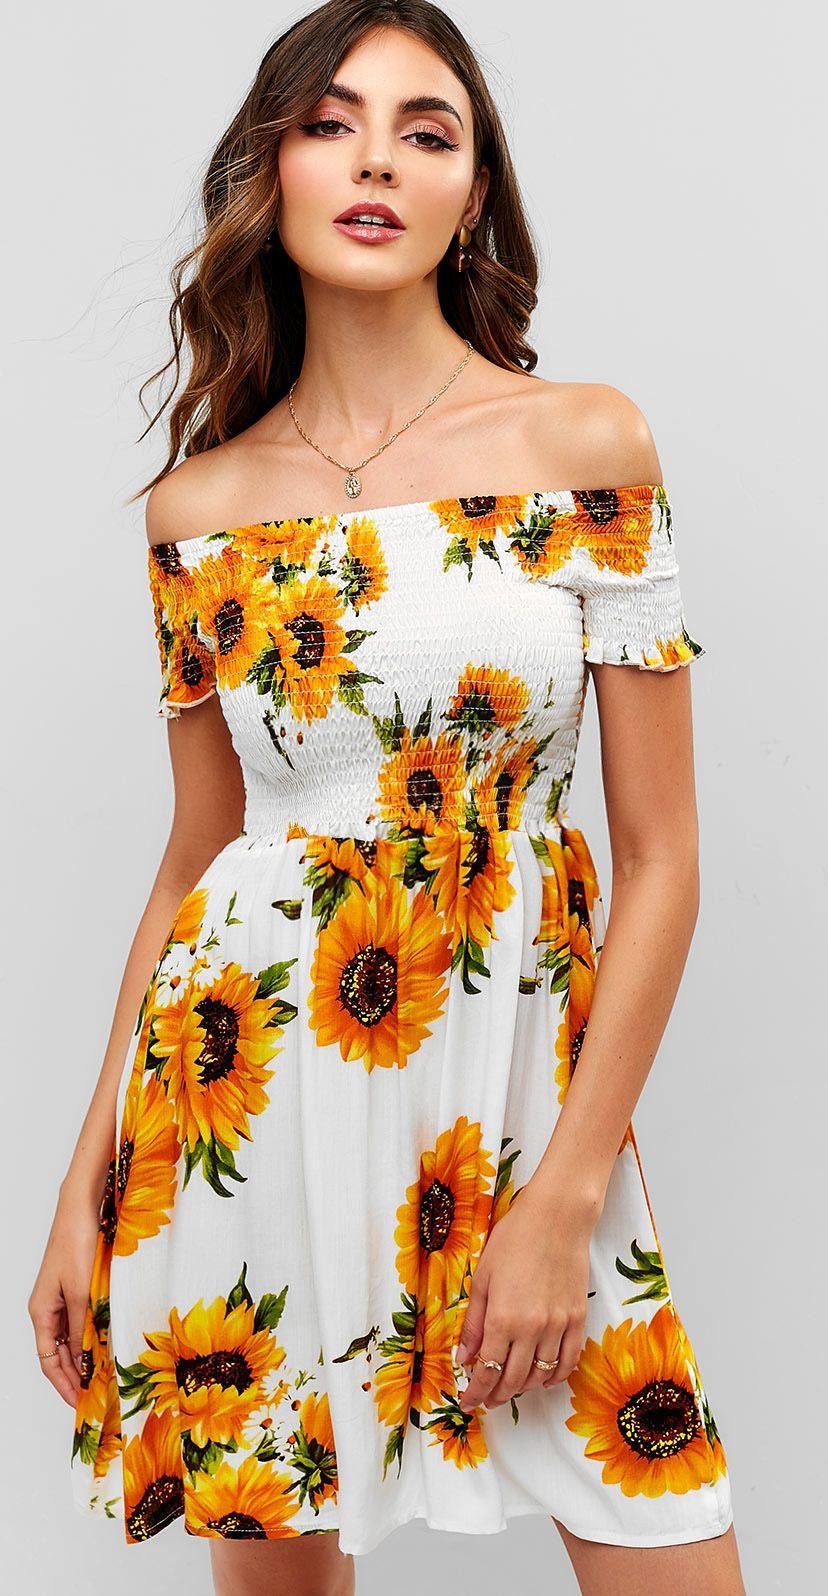 3ba55cedd267 Smocked Sunflower Off Shoulder Dress in 2019 | Fashion | Dresses, Fashion  outfits, Summer dresses